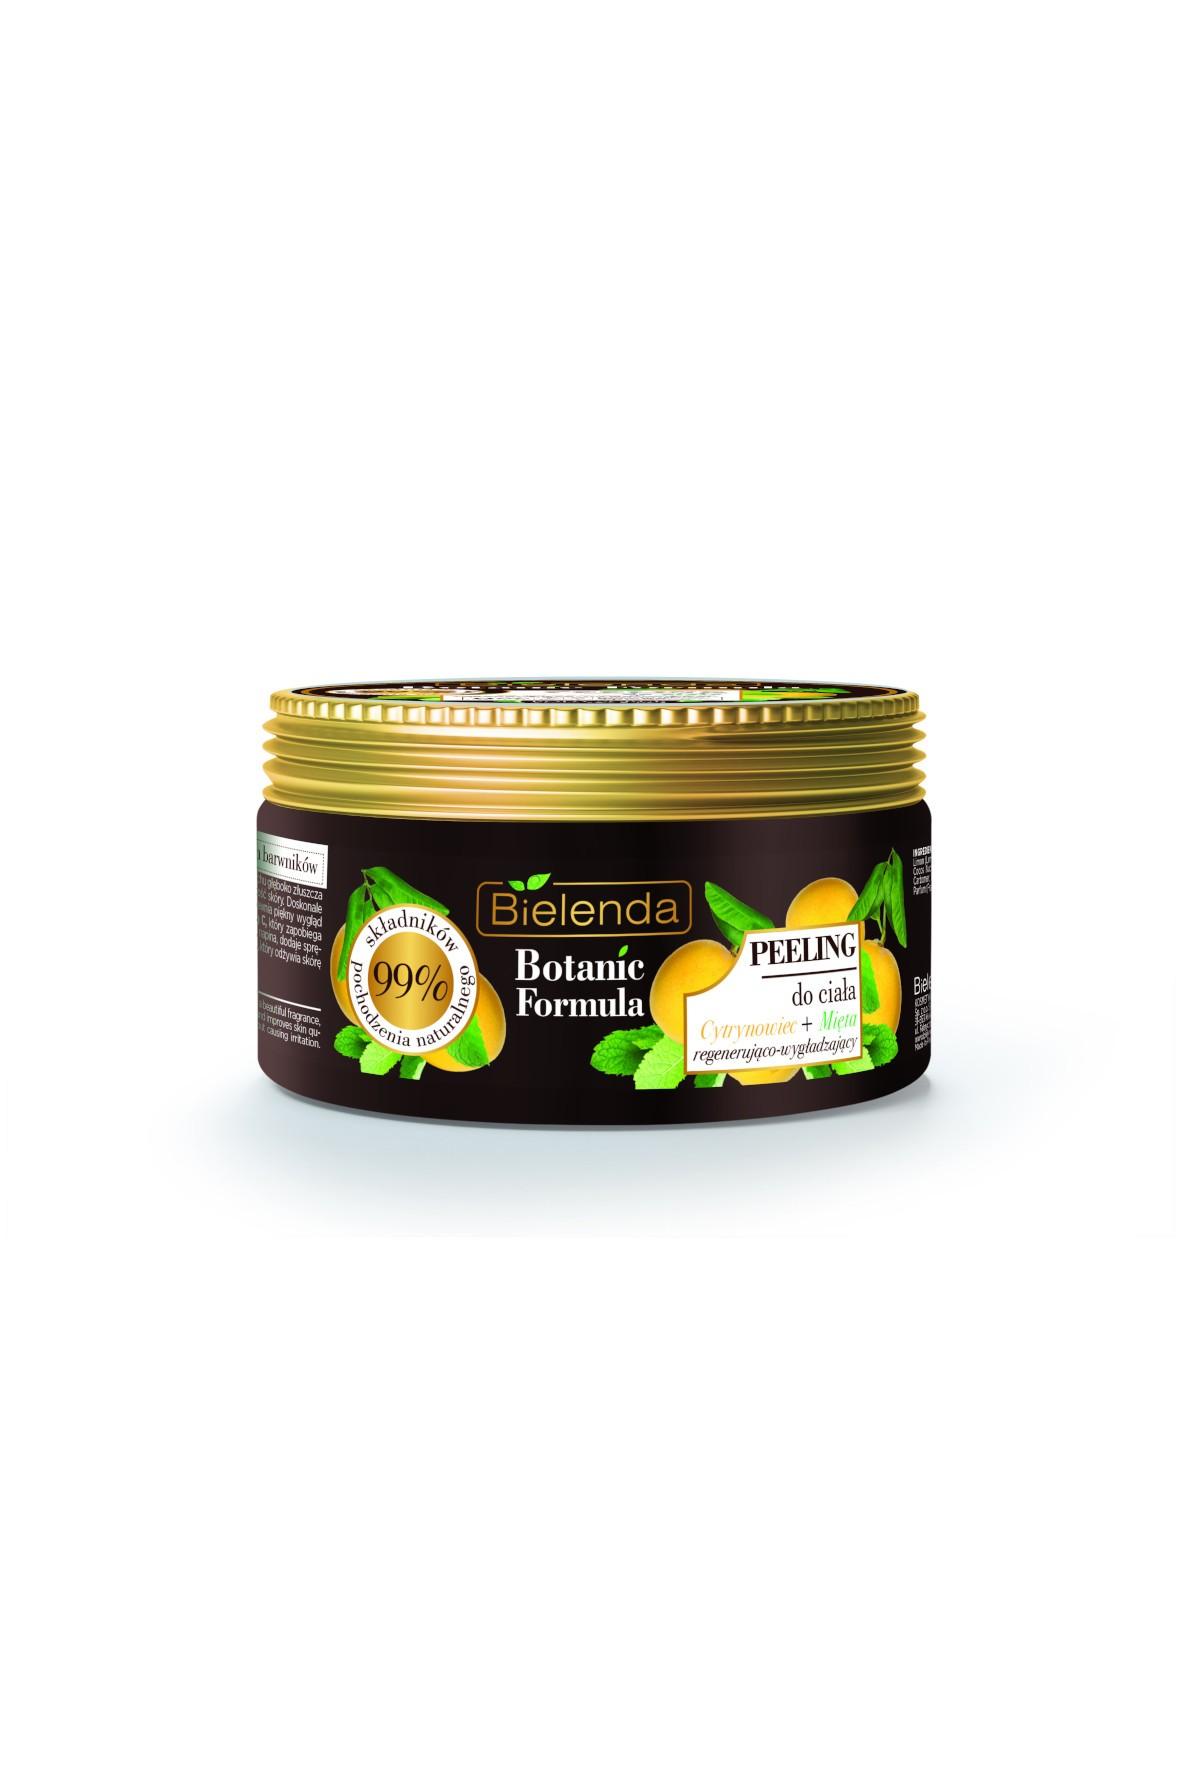 BOTANIC FORMULA Cytrynowiec + Mięta Peeling do ciała Bielenda - 350g